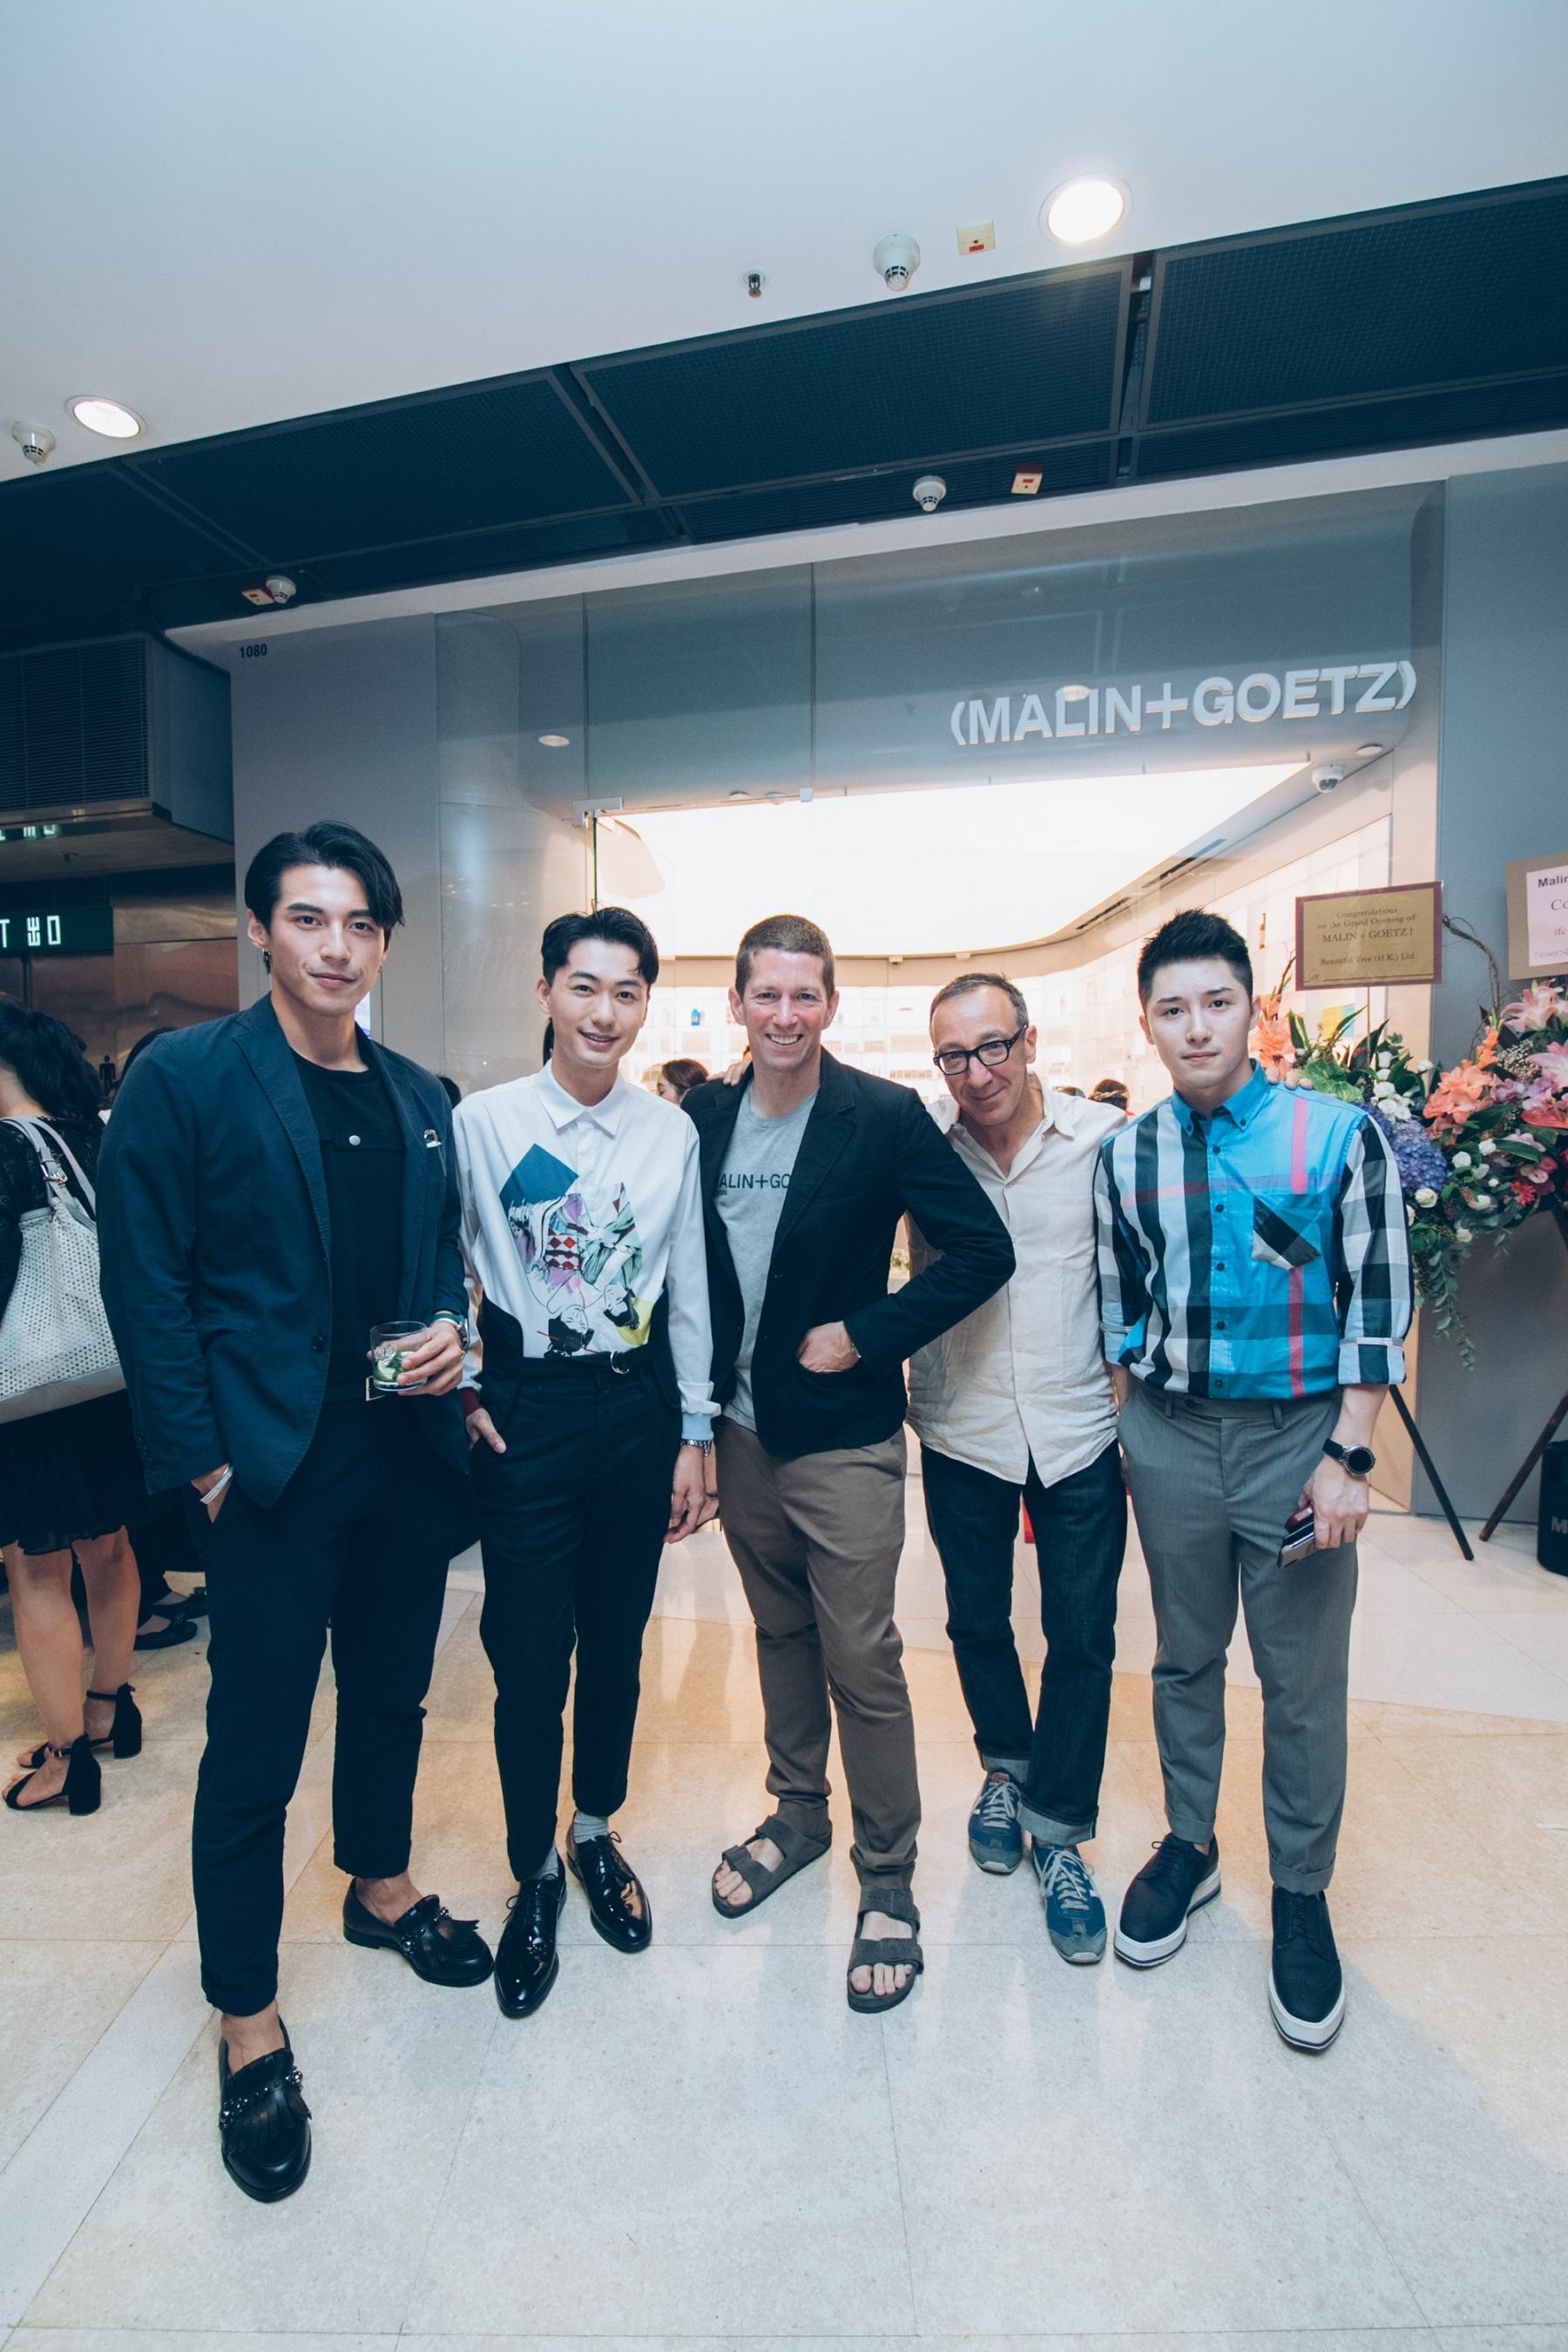 The Malin + Goetz Hong Kong store opening.